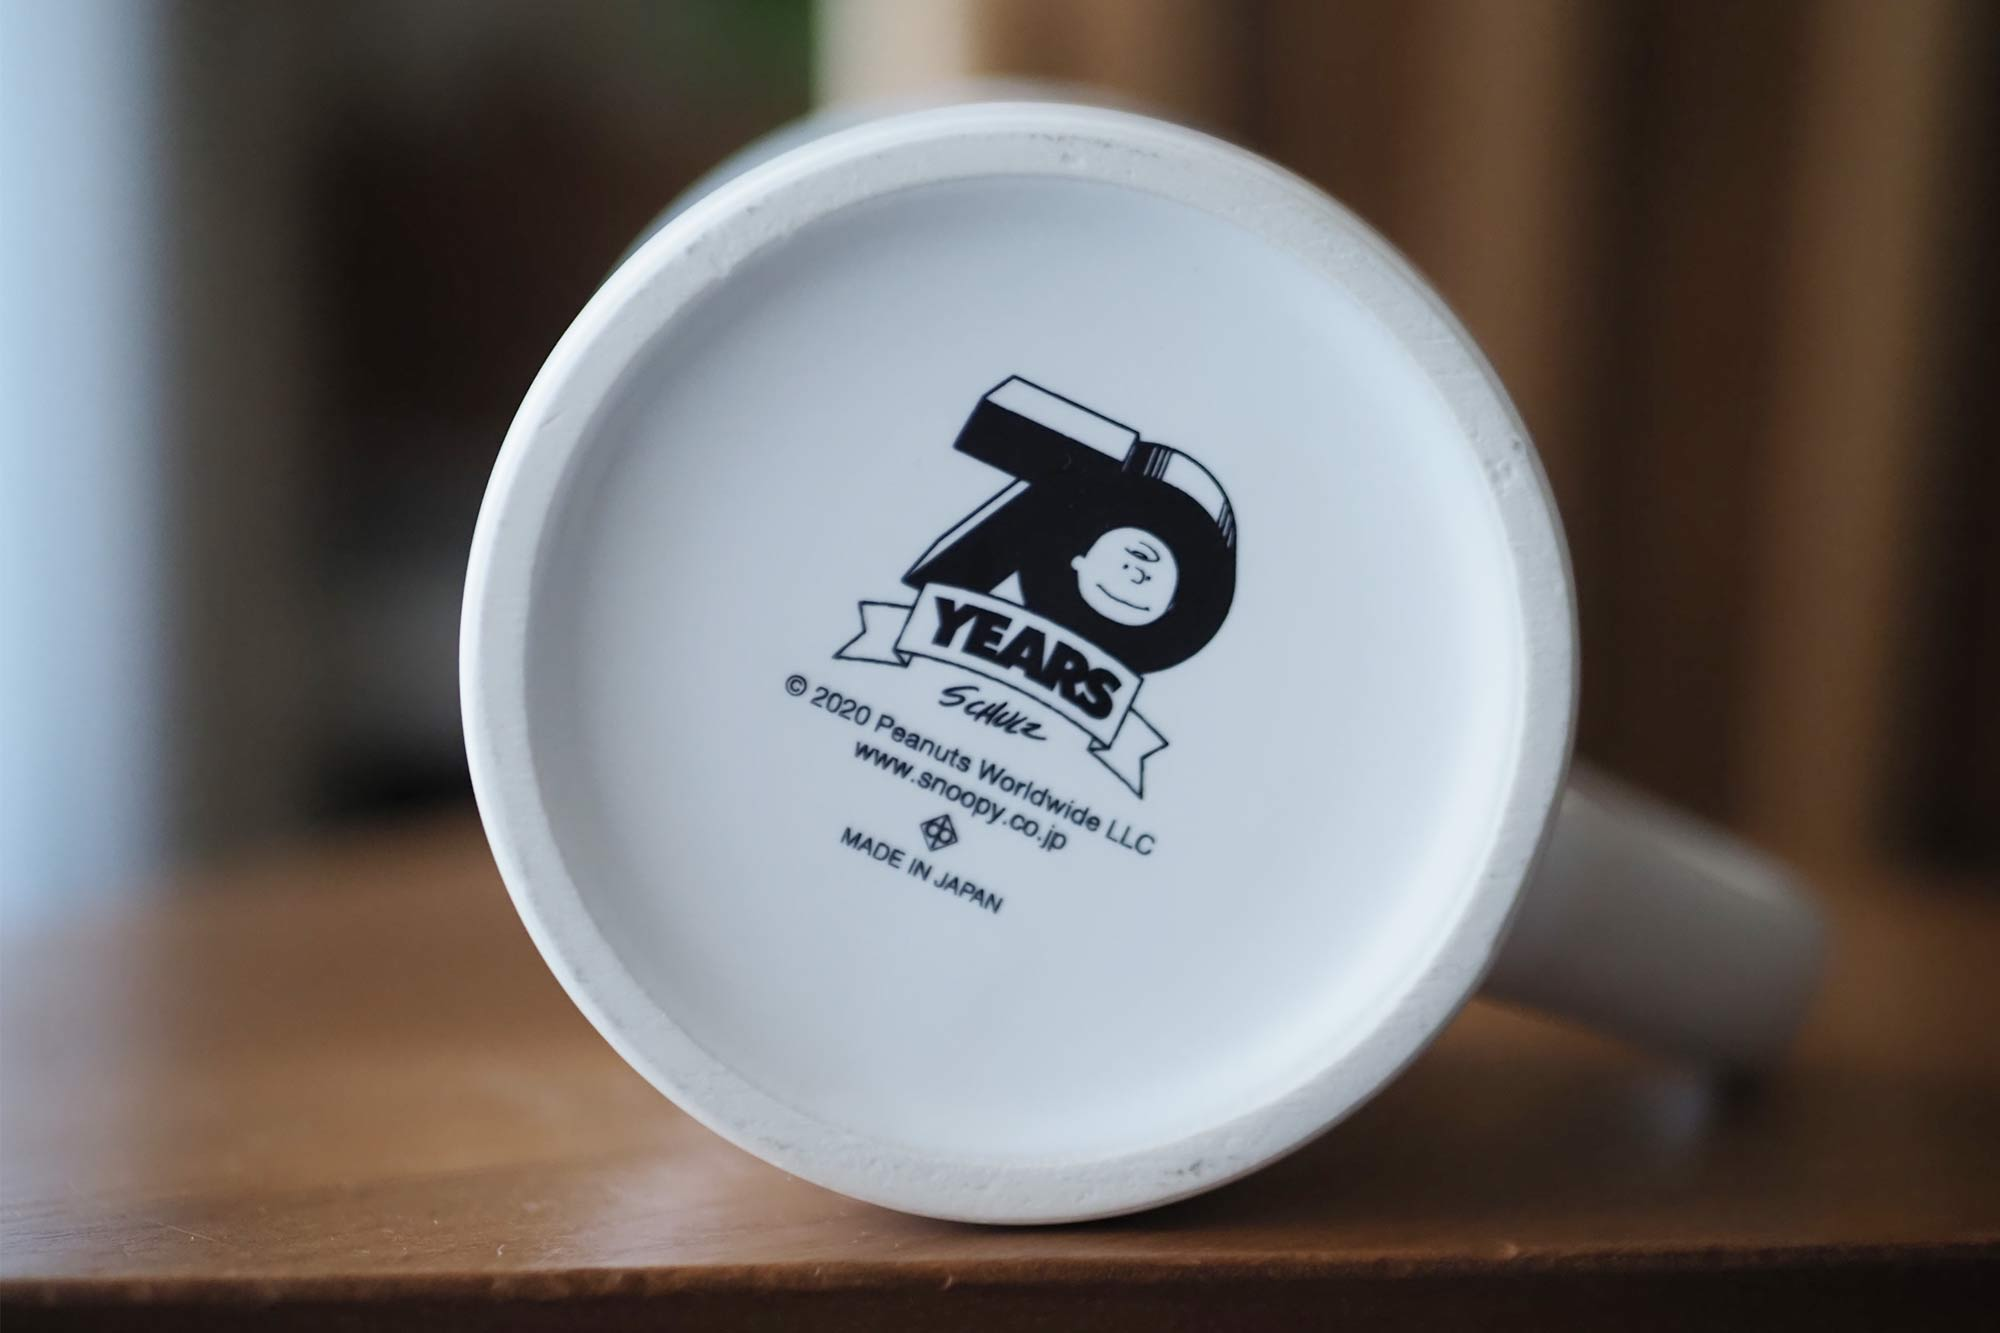 スヌーピー,70周年記念,マグカップ,可愛い,人気,コーヒー,紅茶,安い,プレゼント